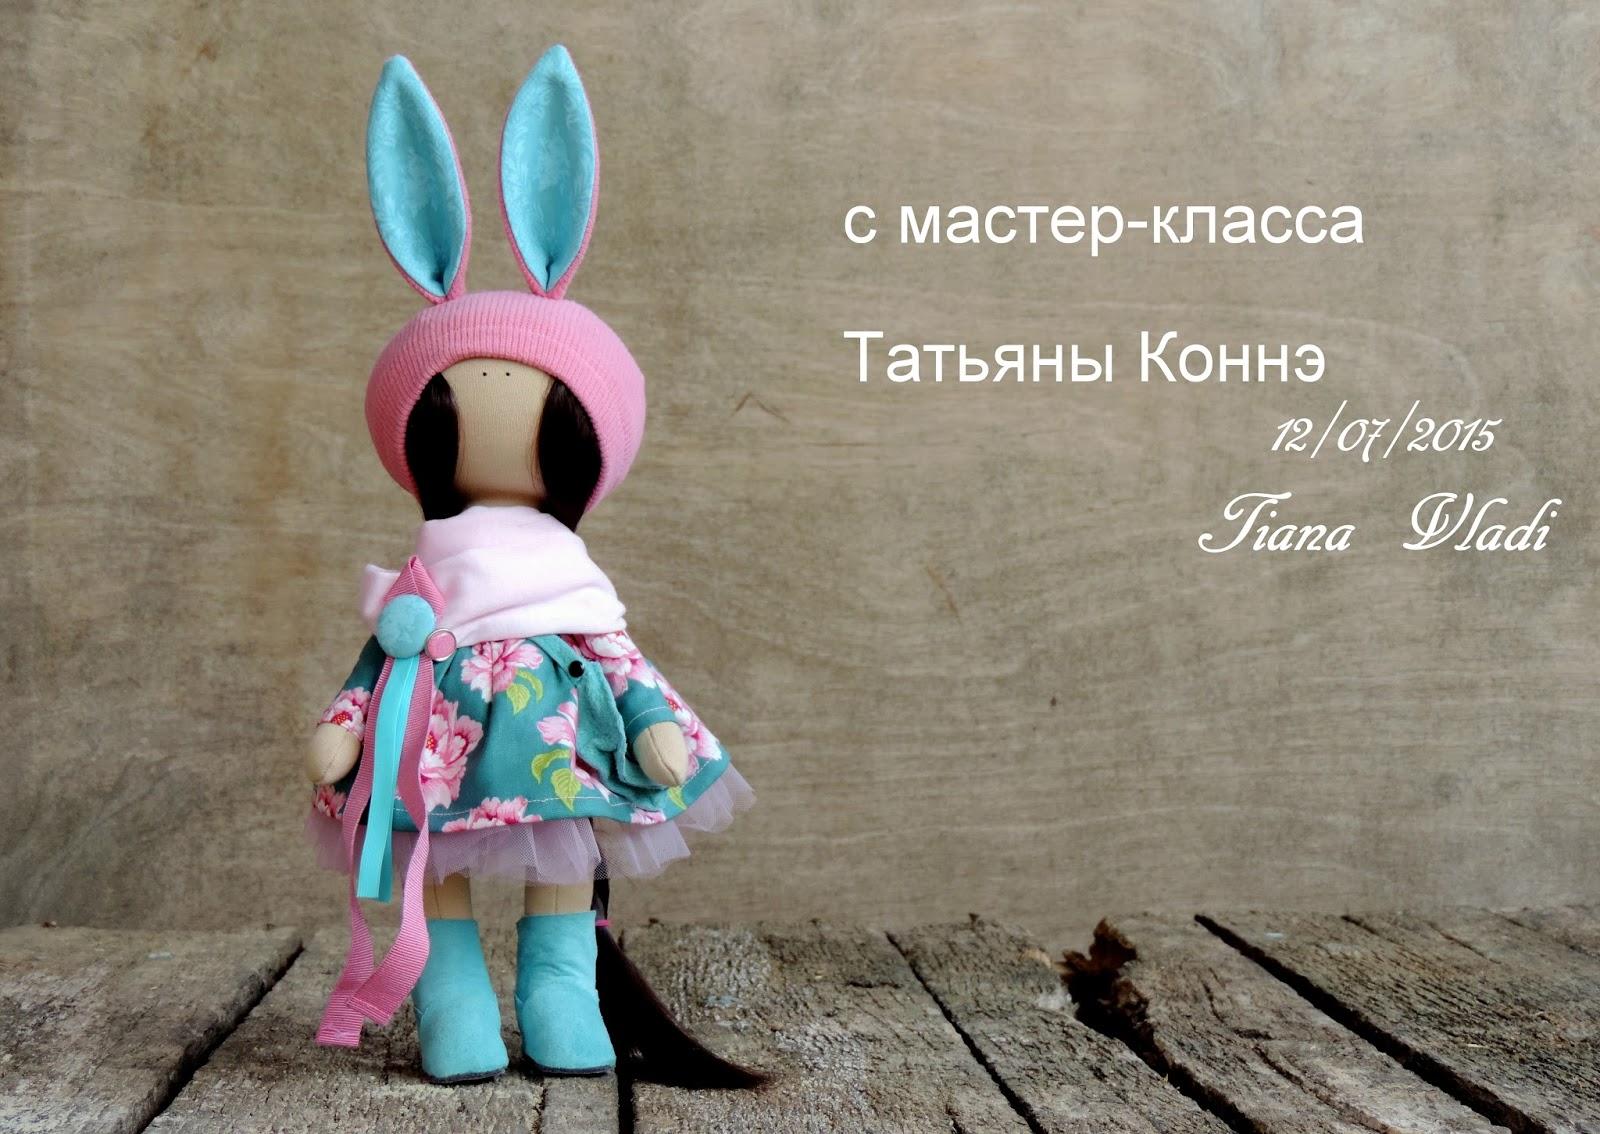 Куклы татьяна коннэ фото и выкройка